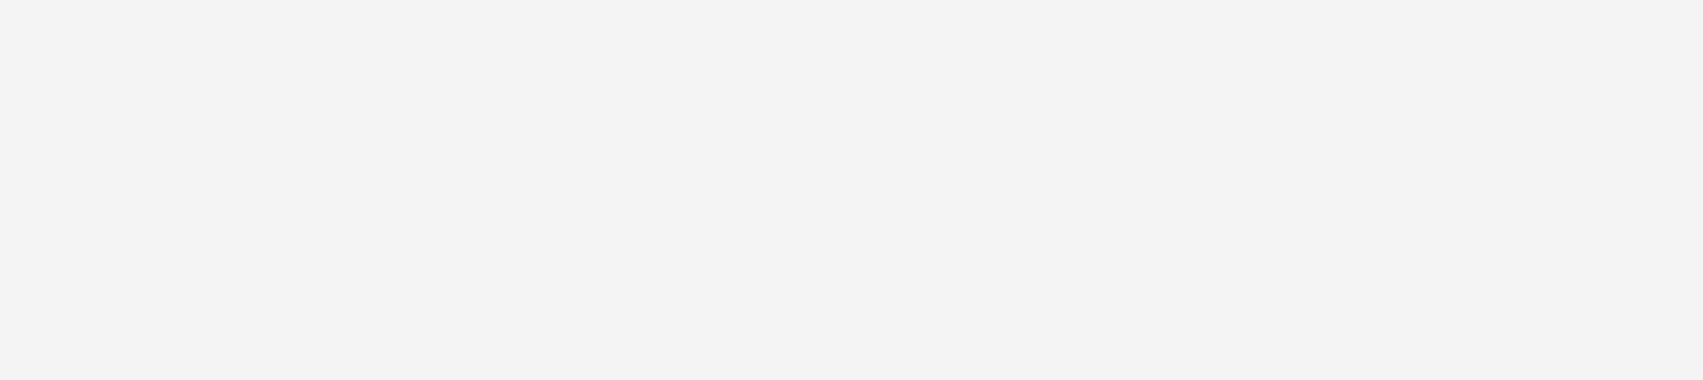 Atrato Pago logo de testimonial